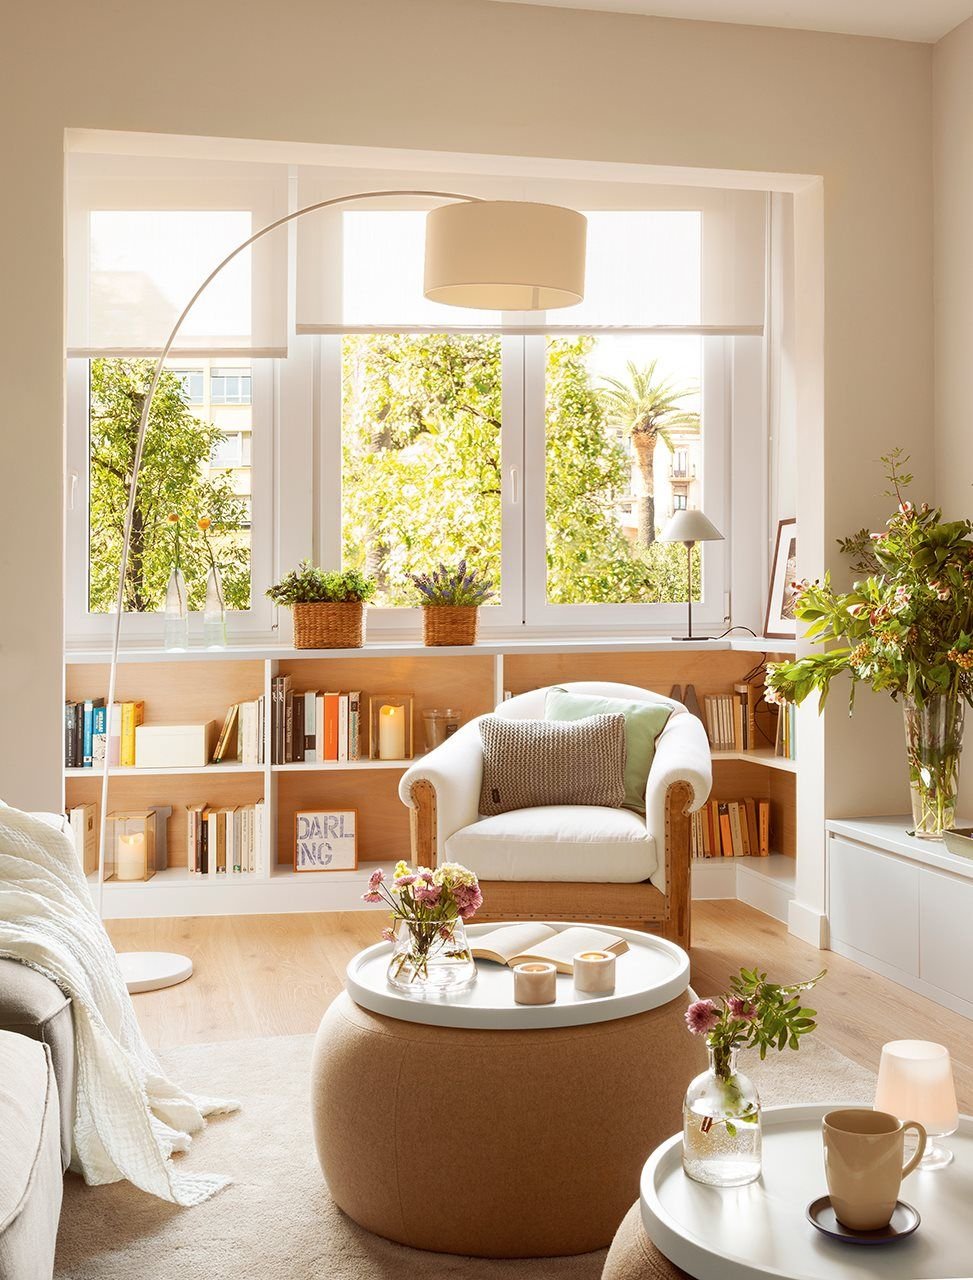 Blanco Y Madera Y Muebles A Medida Calidez Luz Y Capacidad  # Pequenos Gigantes Muebles